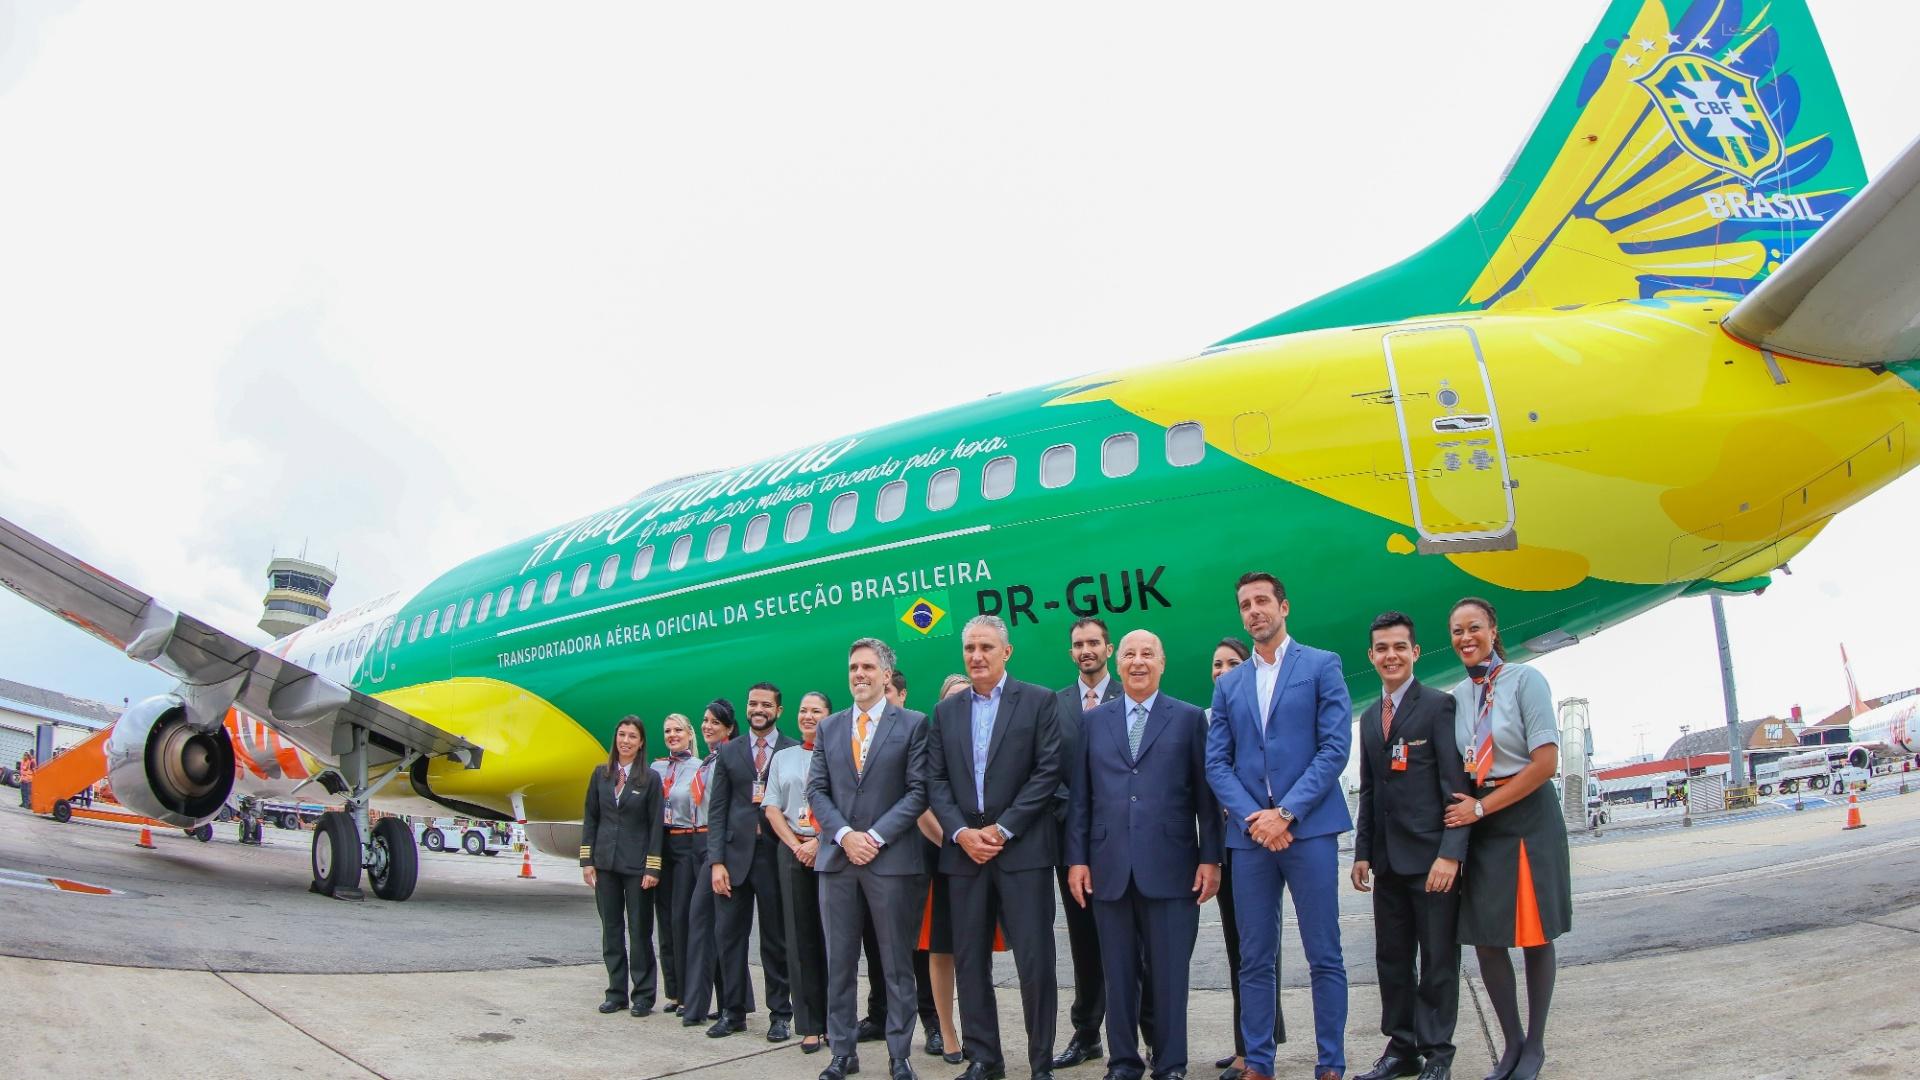 Tite, Marco Polo del Nero e Edu Gaspar posam em frente ao avião da seleção brasileira, fornecido pela Gol